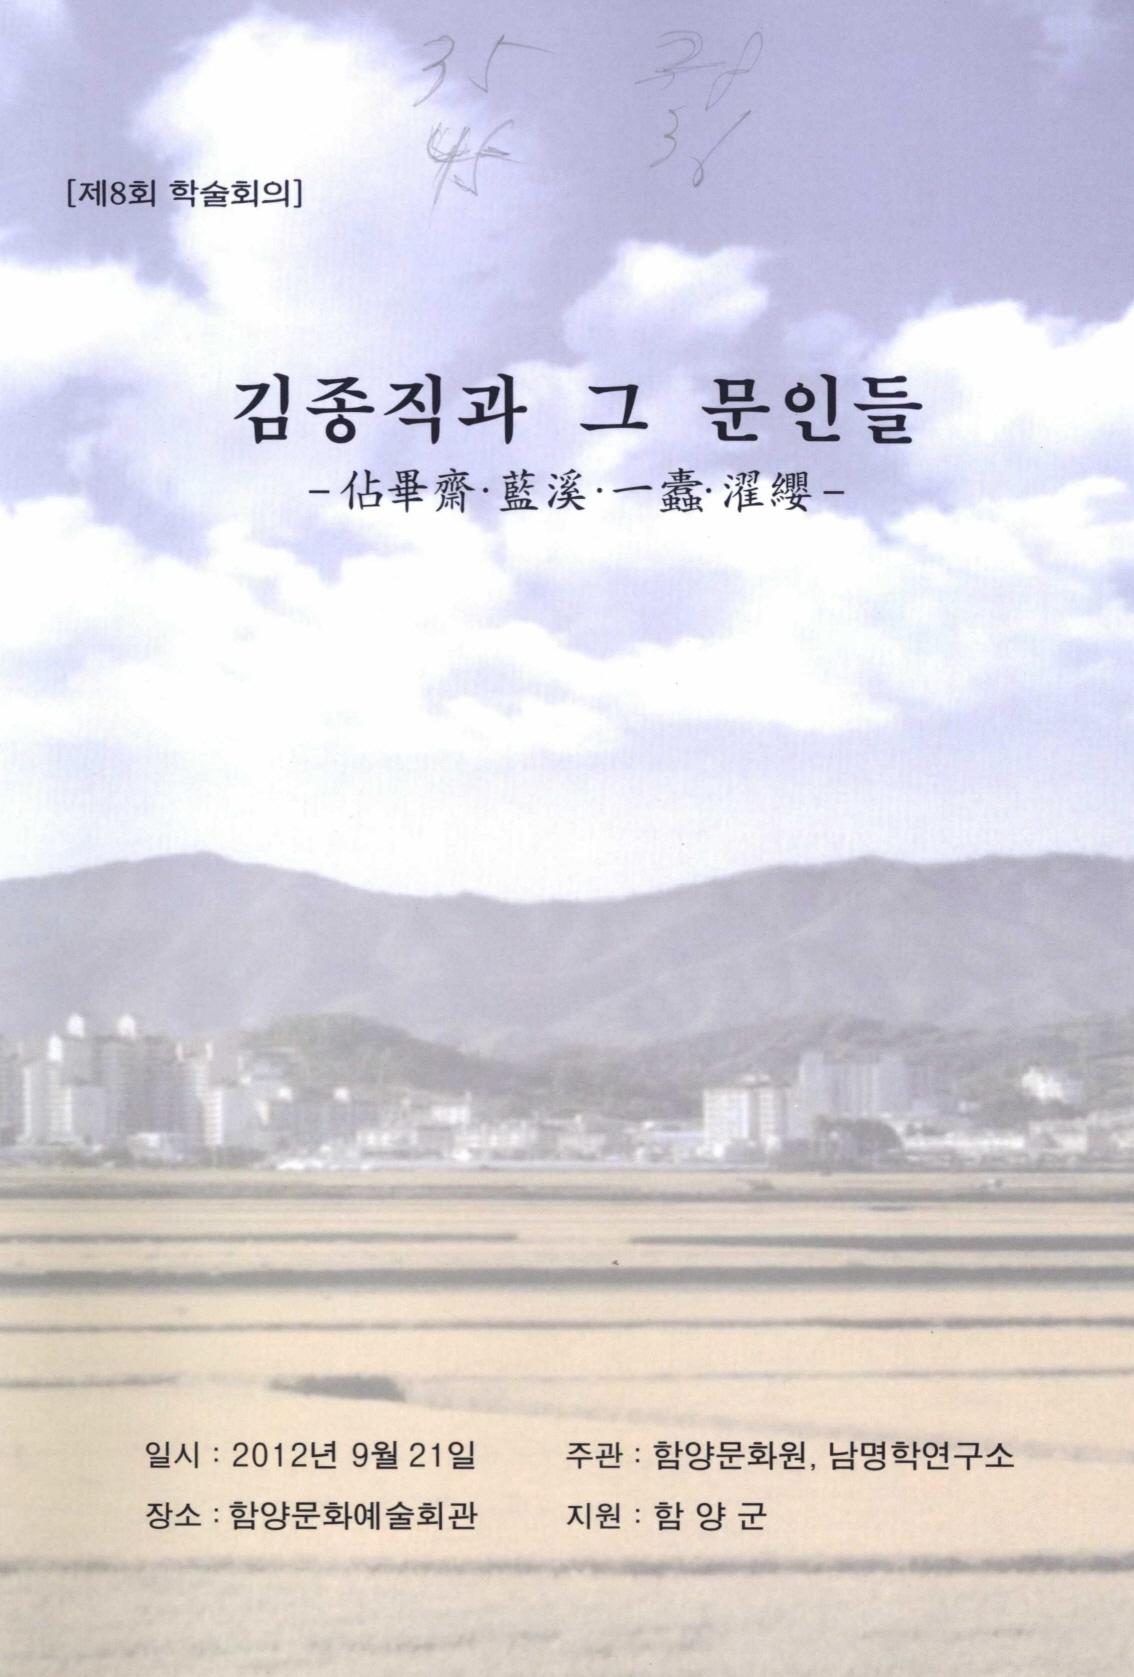 (제8회 학술회의) 김종직과 그 문인들